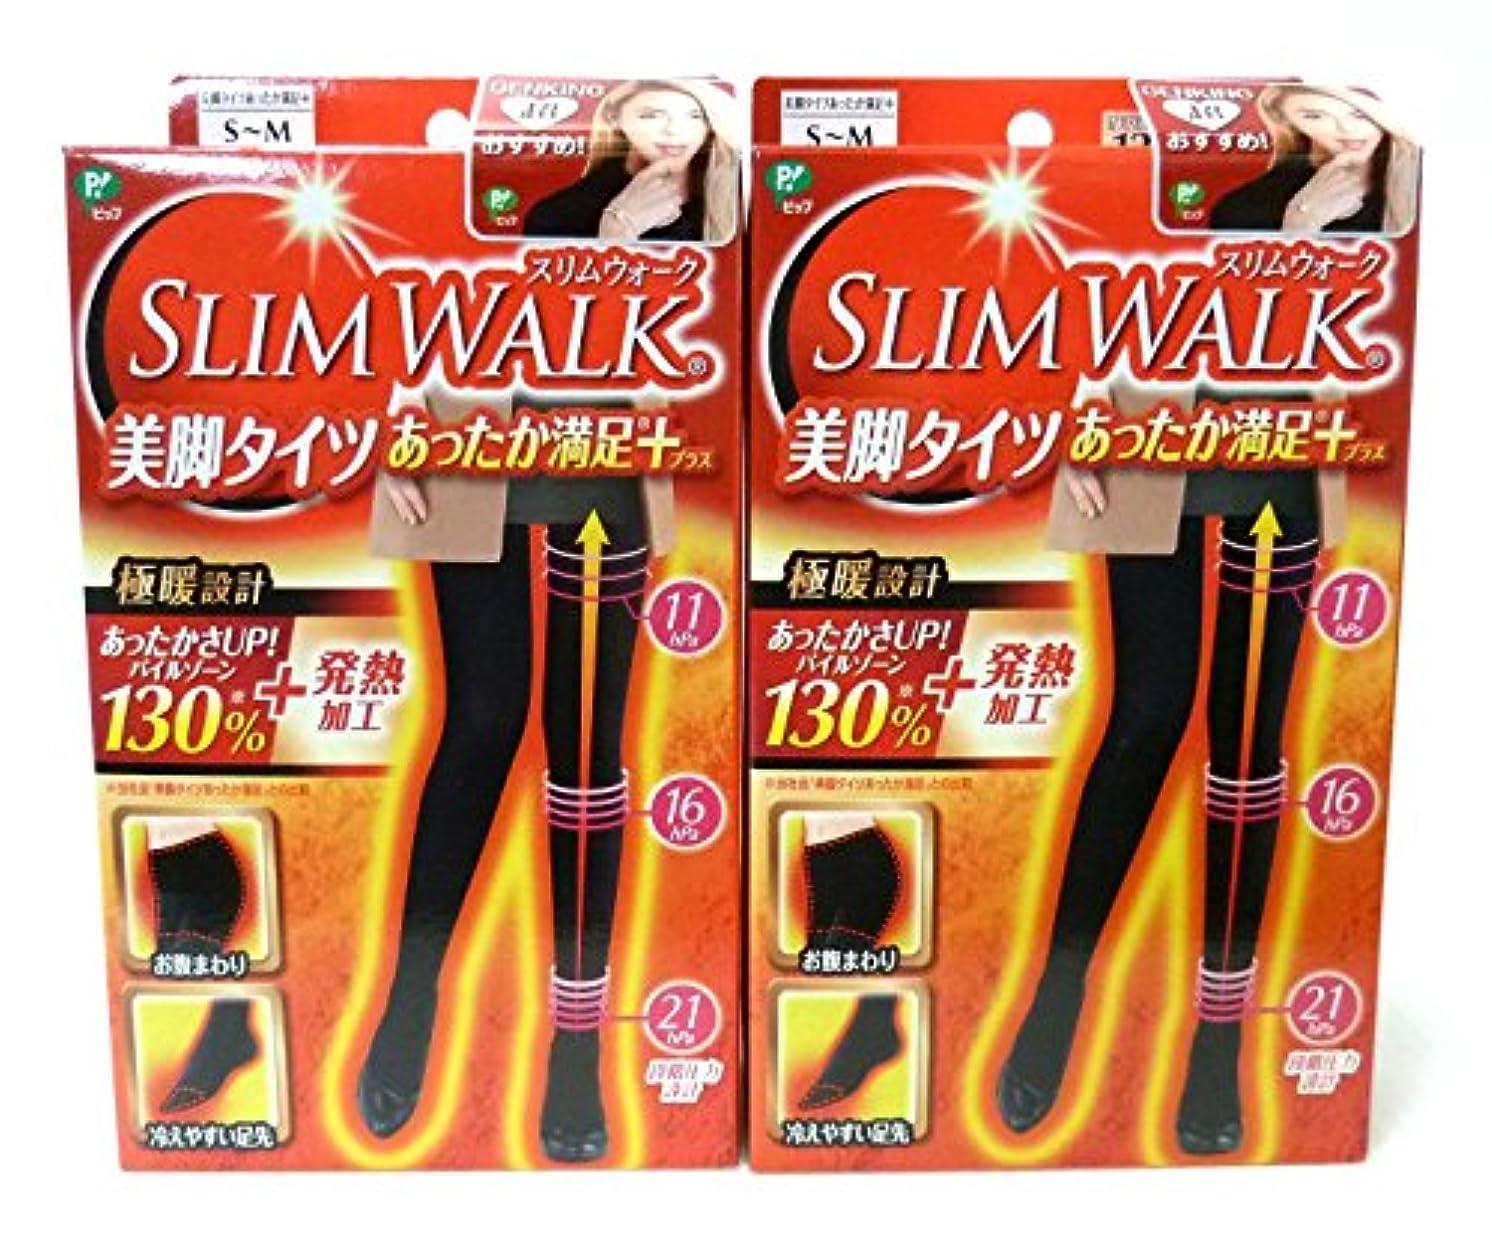 体現する拮抗護衛スリムウォーク 美脚タイツあったか満足プラス S-Mサイズ ブラック2個